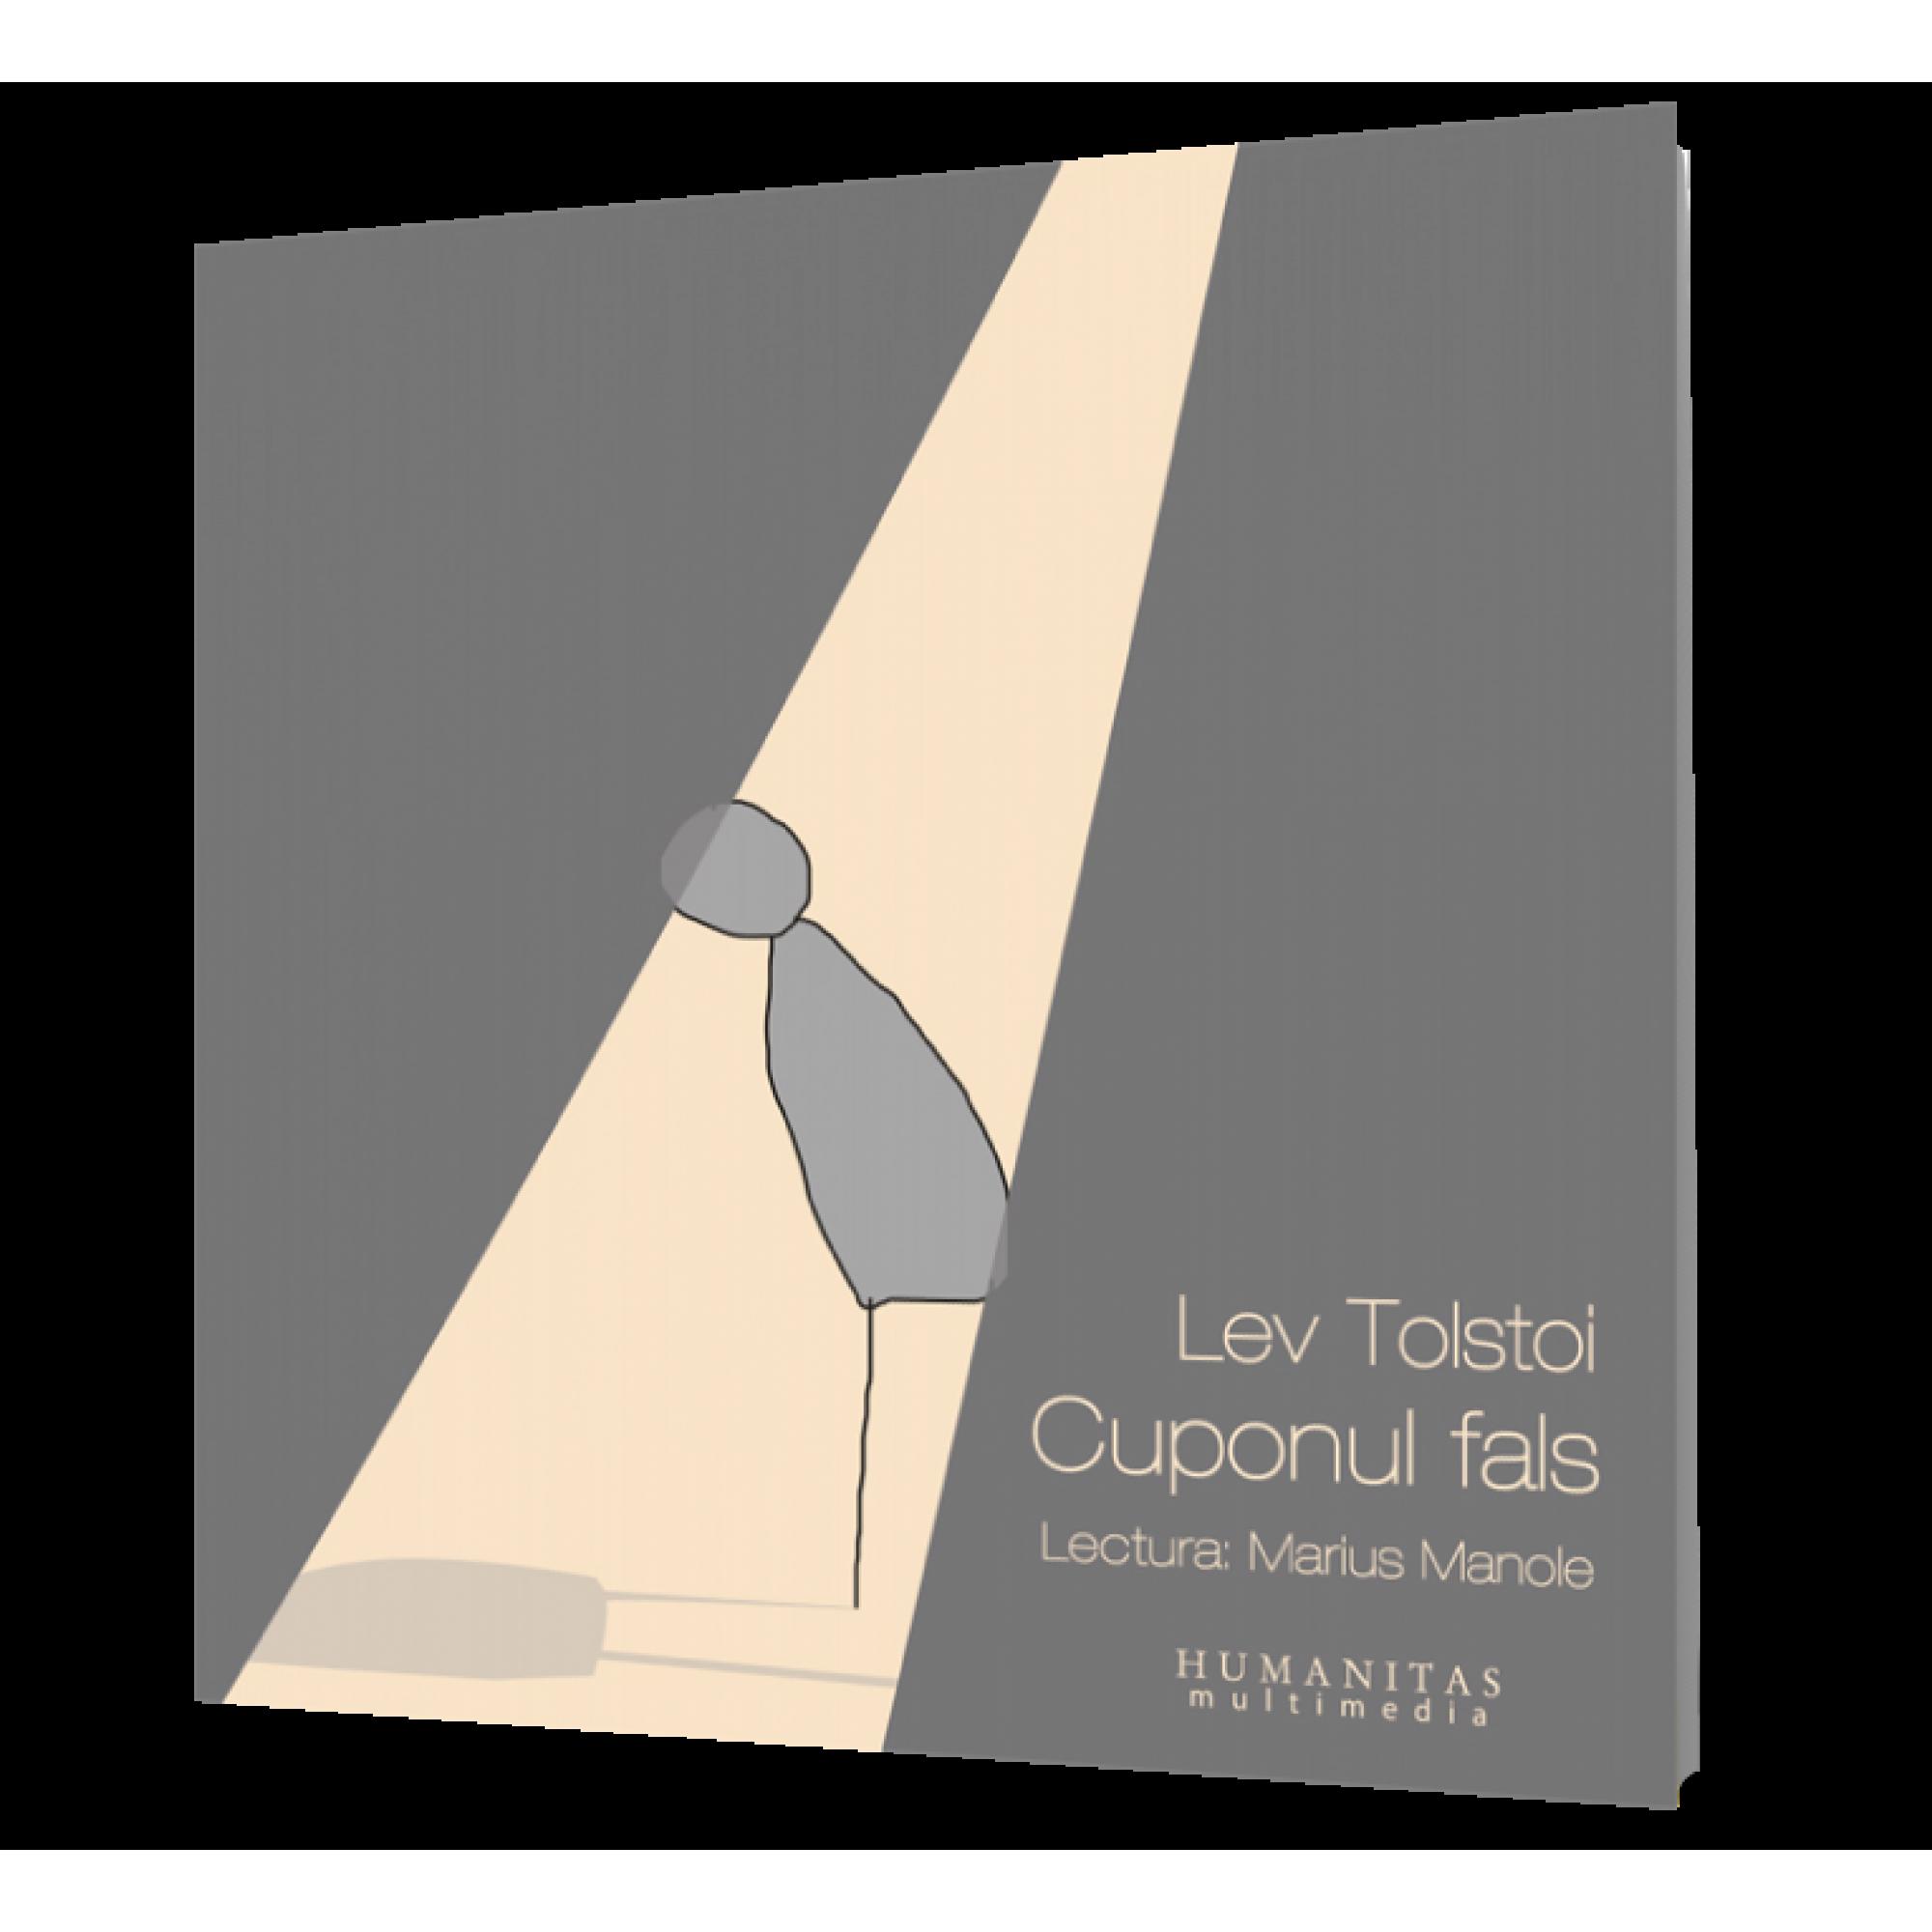 Cuponul fals